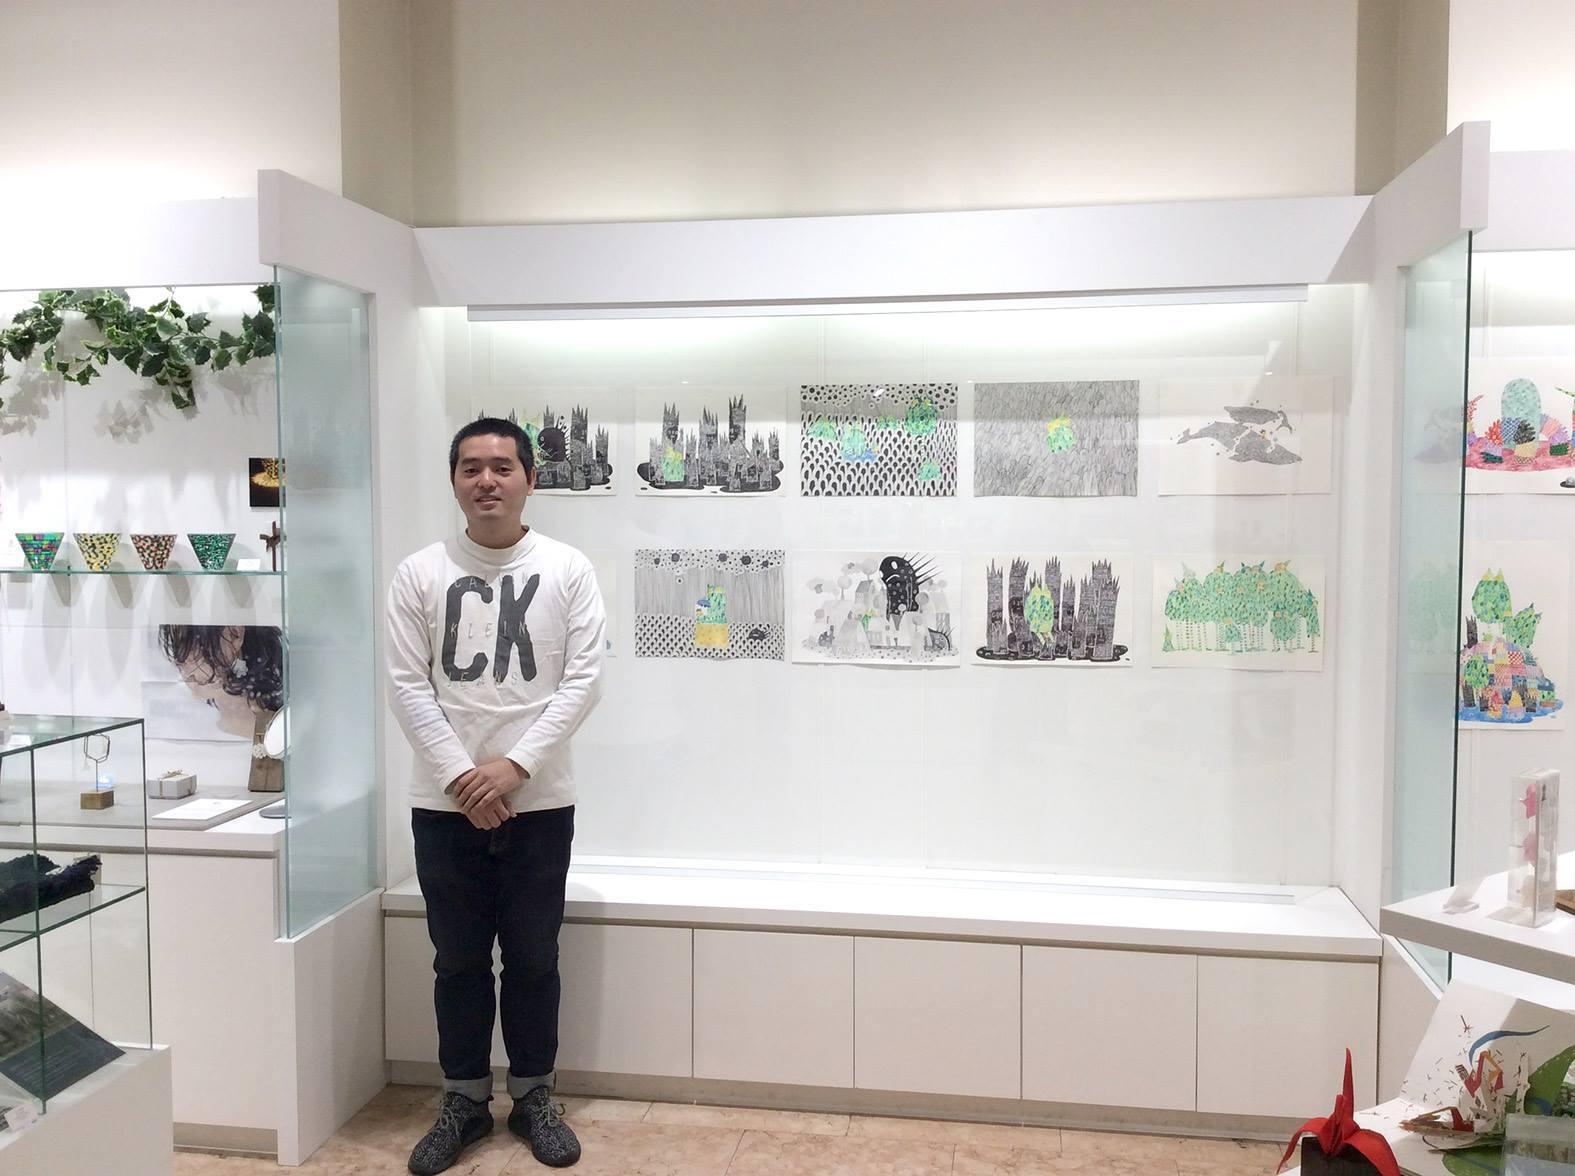 【実績紹介】 Lionel Lo(ライオネル・ロー)さんがセゾンアートショップで個展を開催/